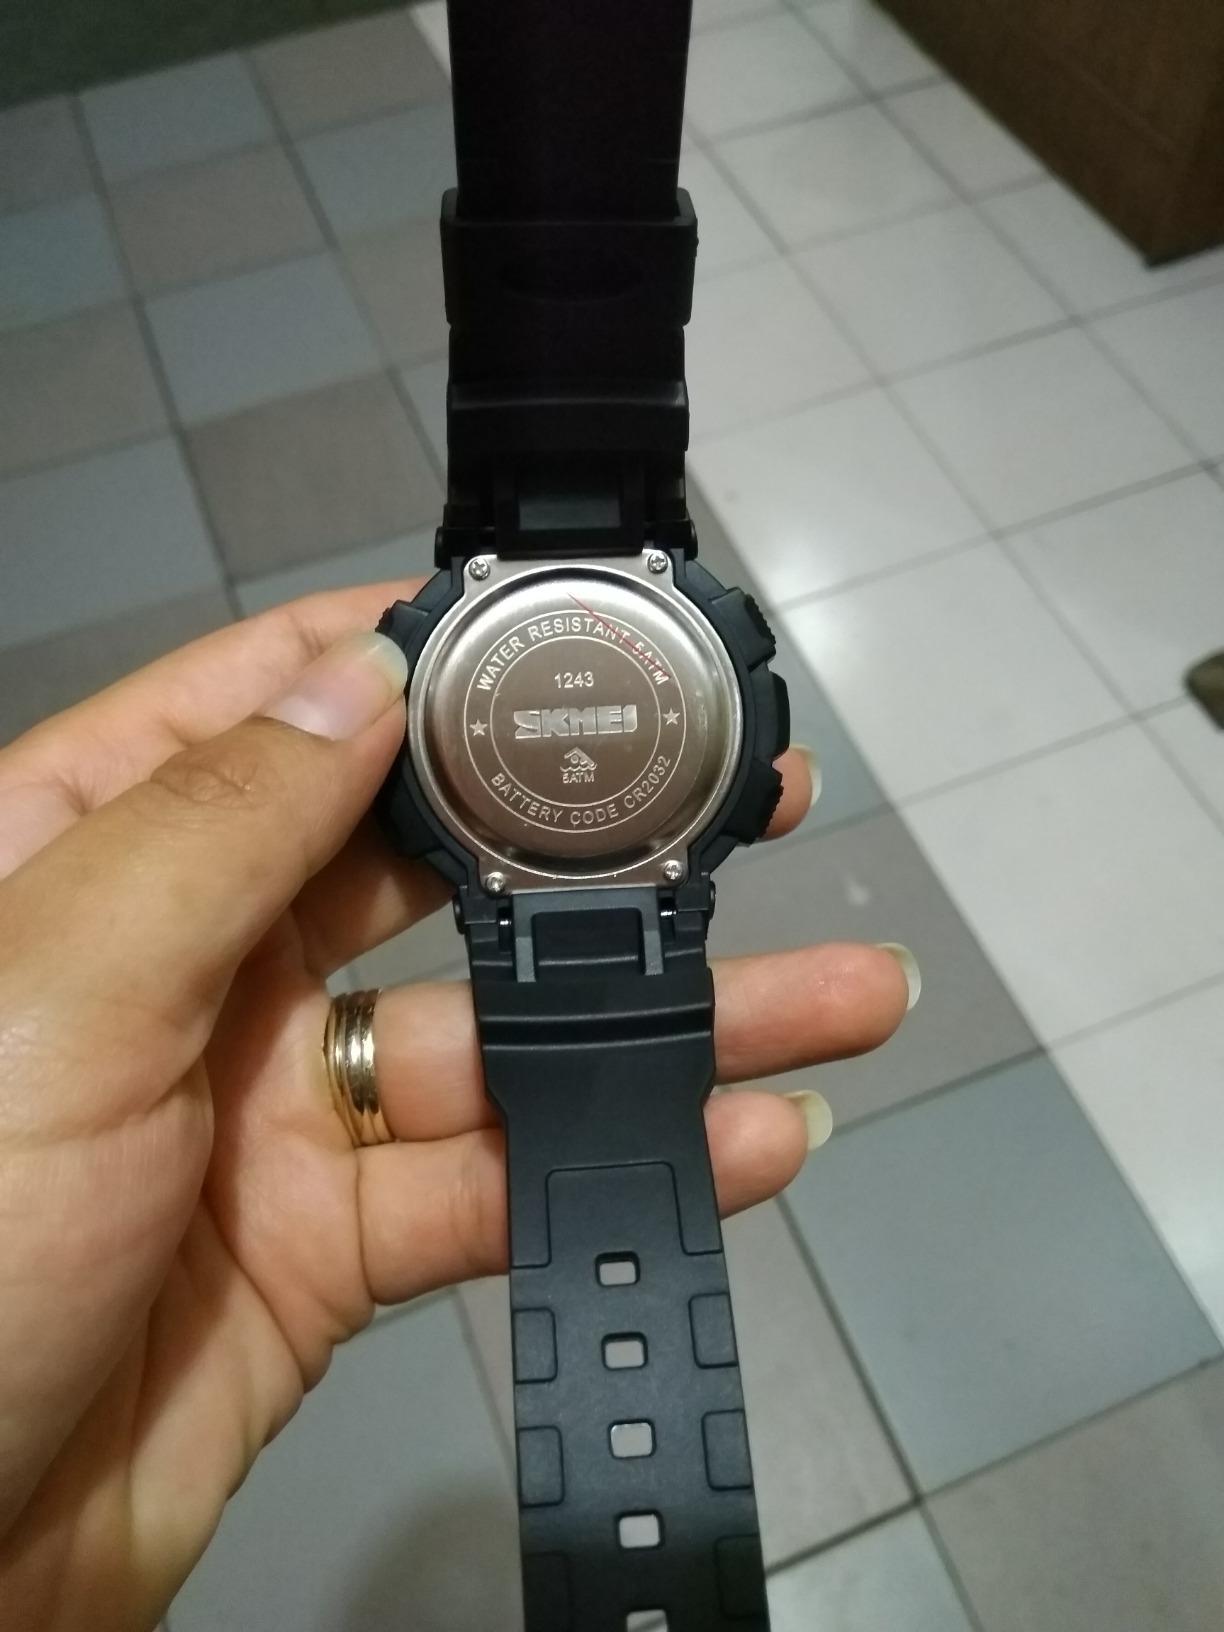 Reloj Skmei 1243 Digital 828996ce4b92